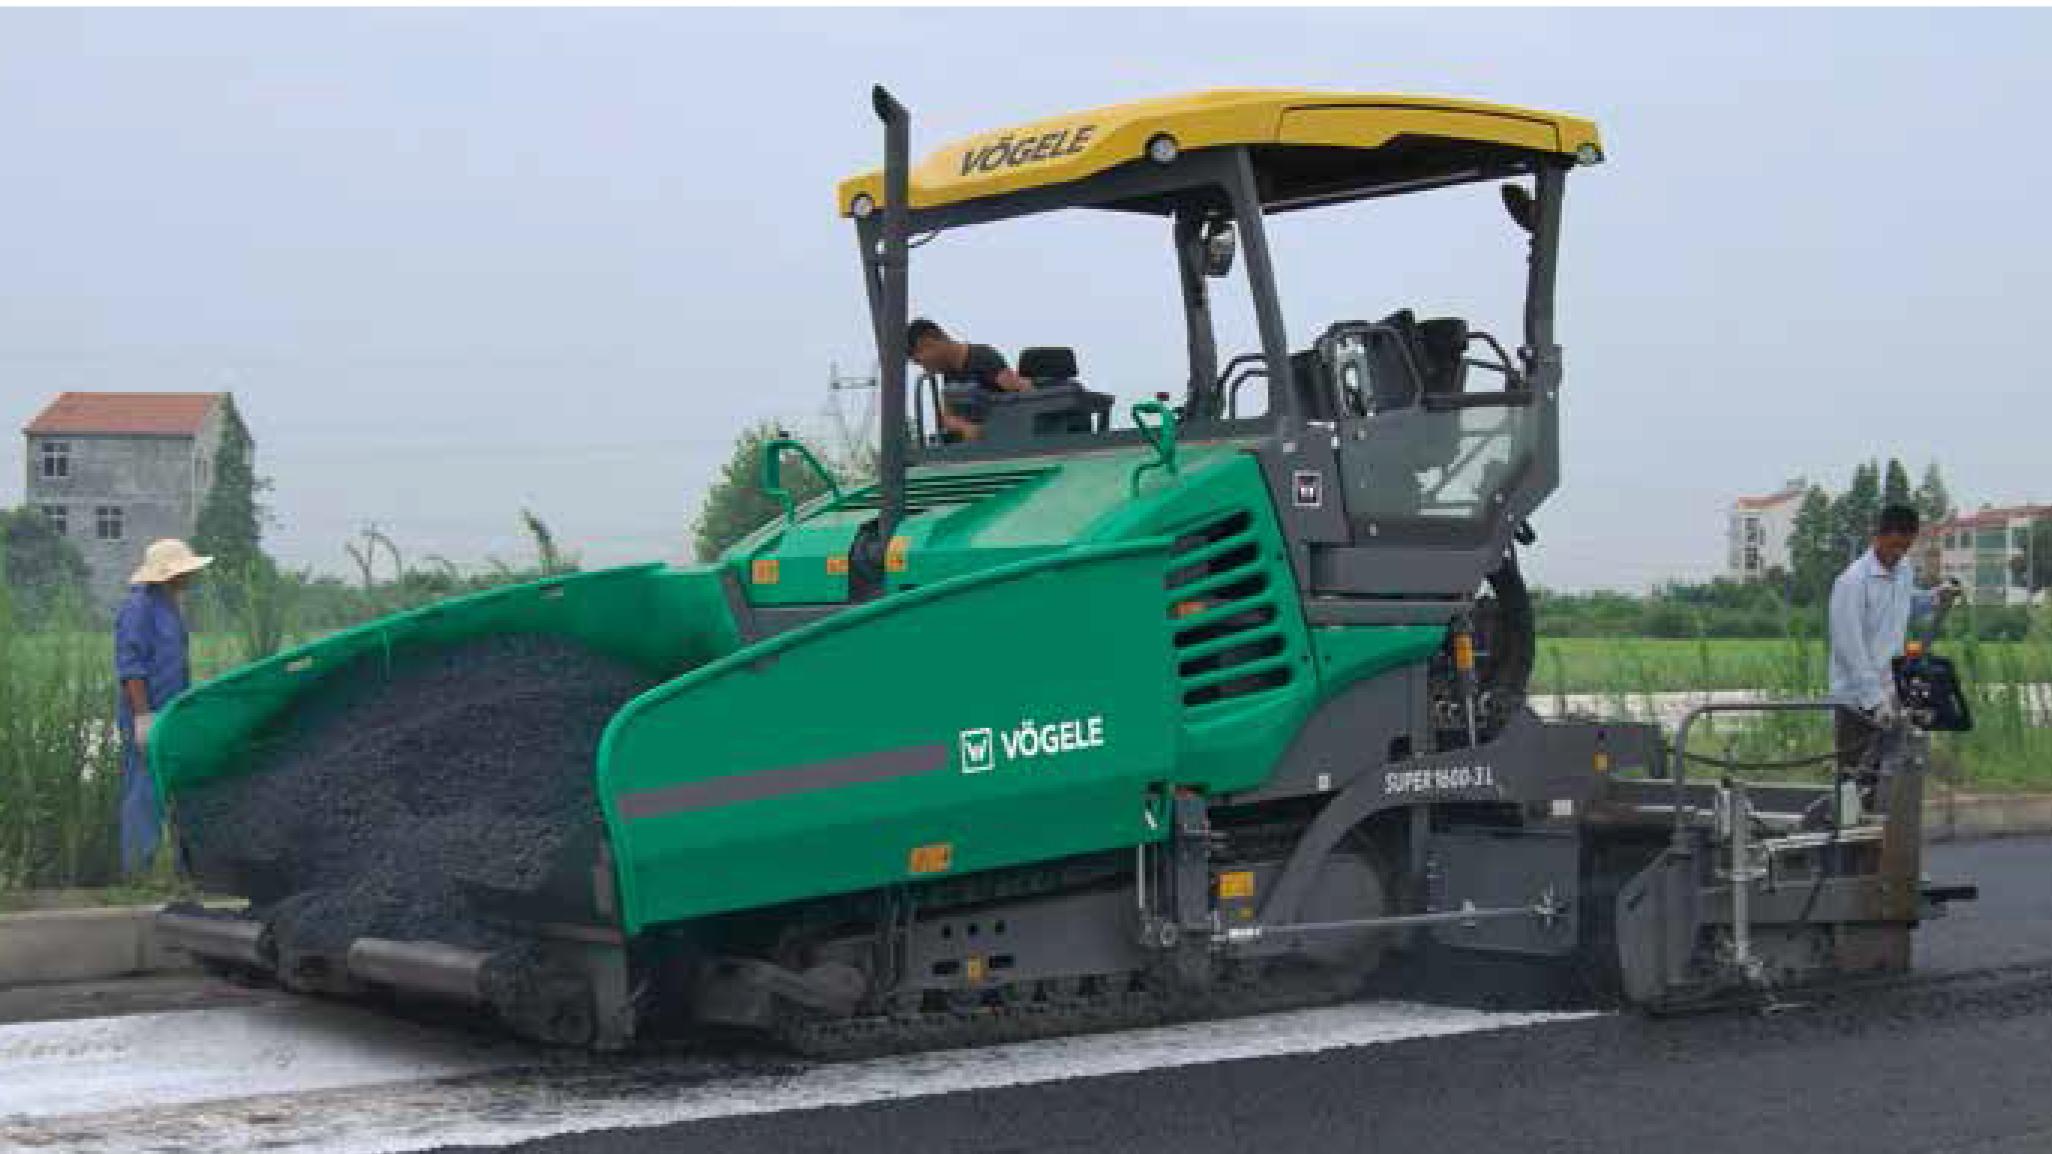 福格勒1600-3 L超级沥青摊铺机高清图 - 外观